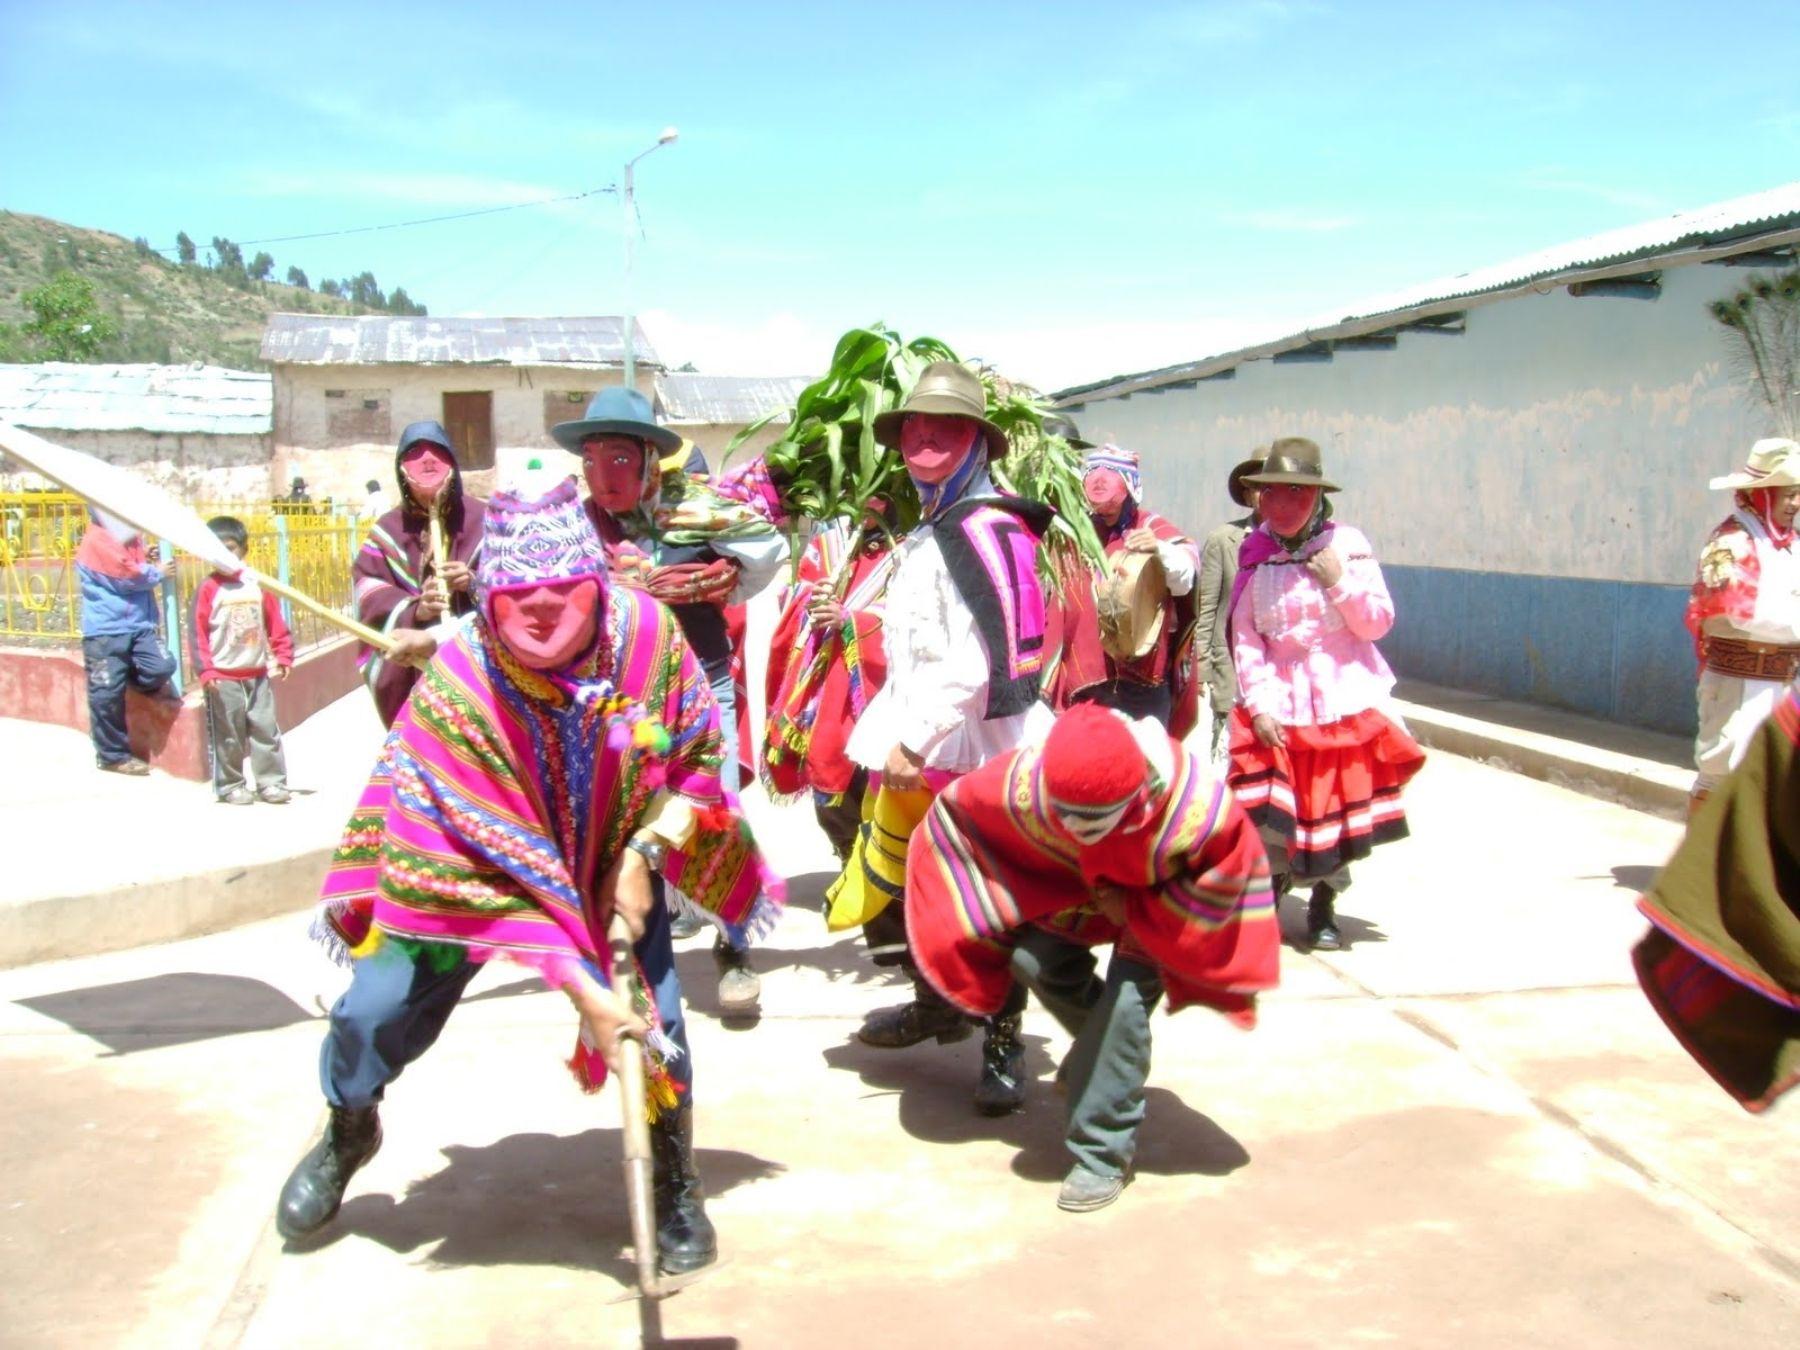 La Huaylia es una danza tradicional que se baila en Navidad en Antabamba, Apurímac.